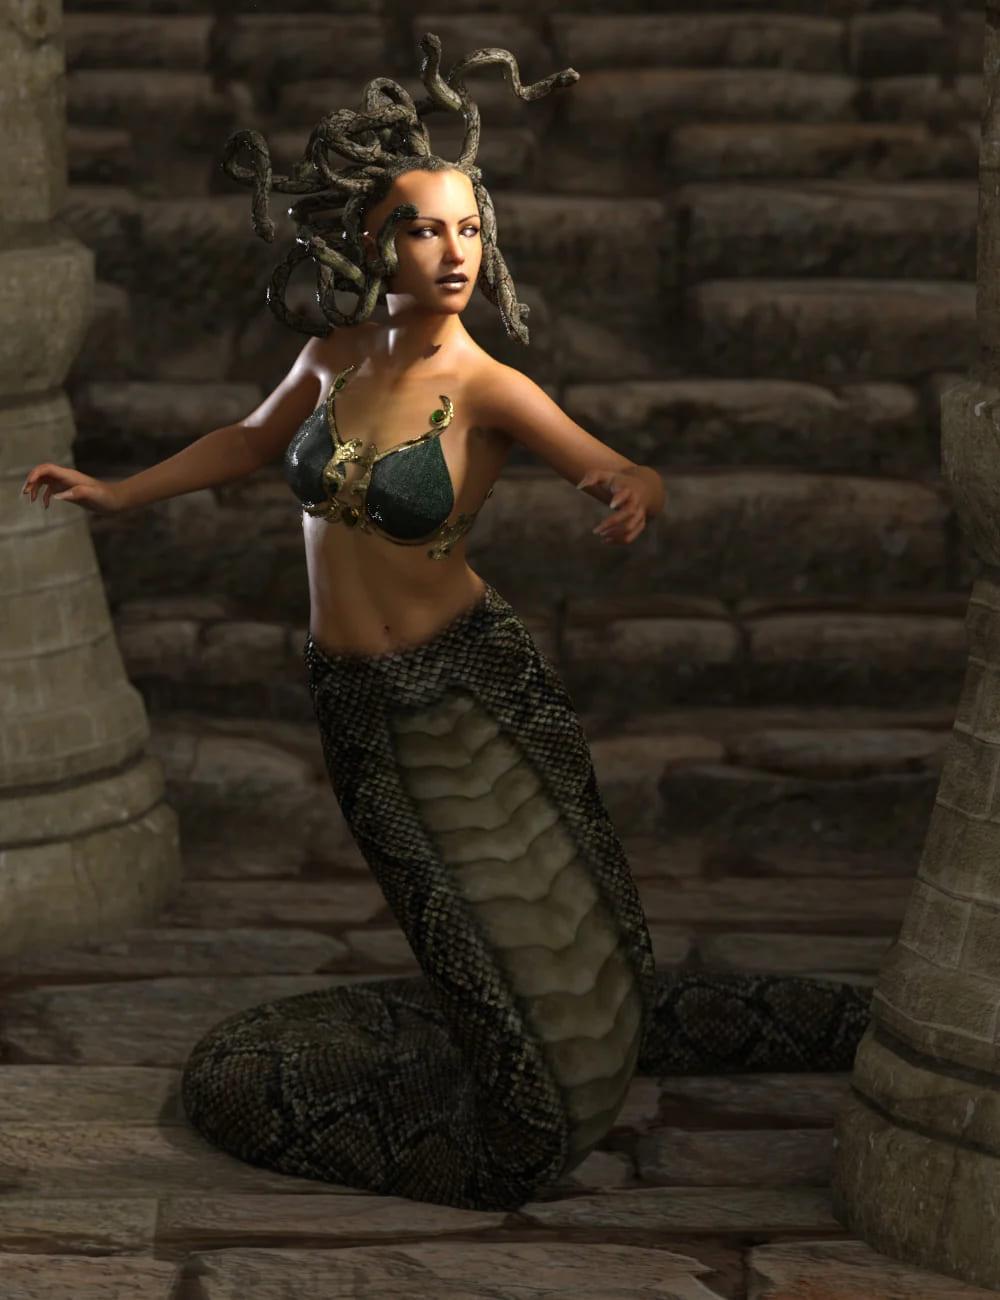 Medusa's Revenge Hierarchical Poses for Medusa_DAZ3D下载站